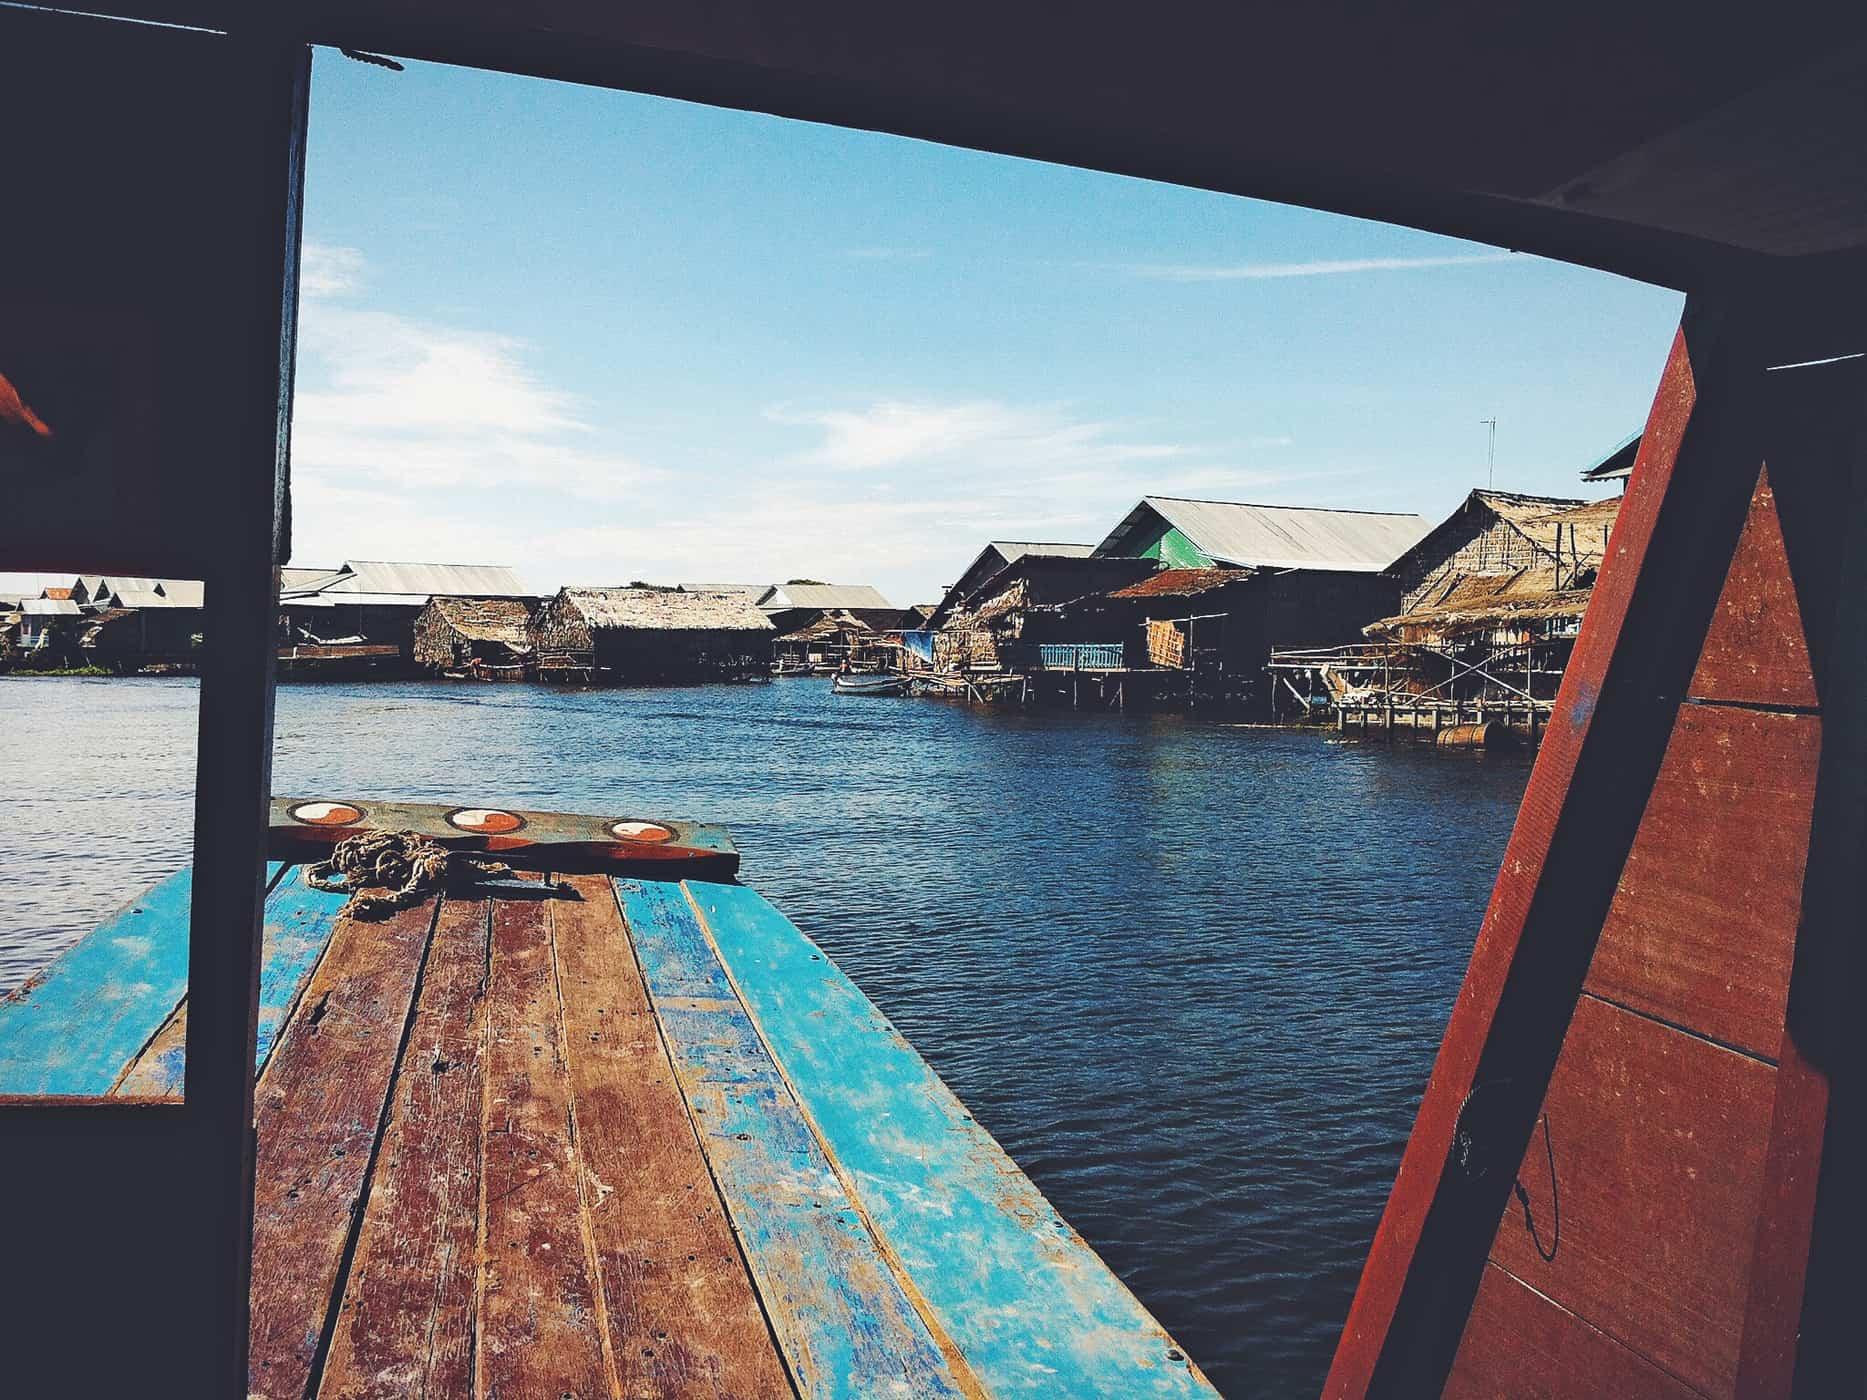 Entering the floating village, Tonlé Sap.